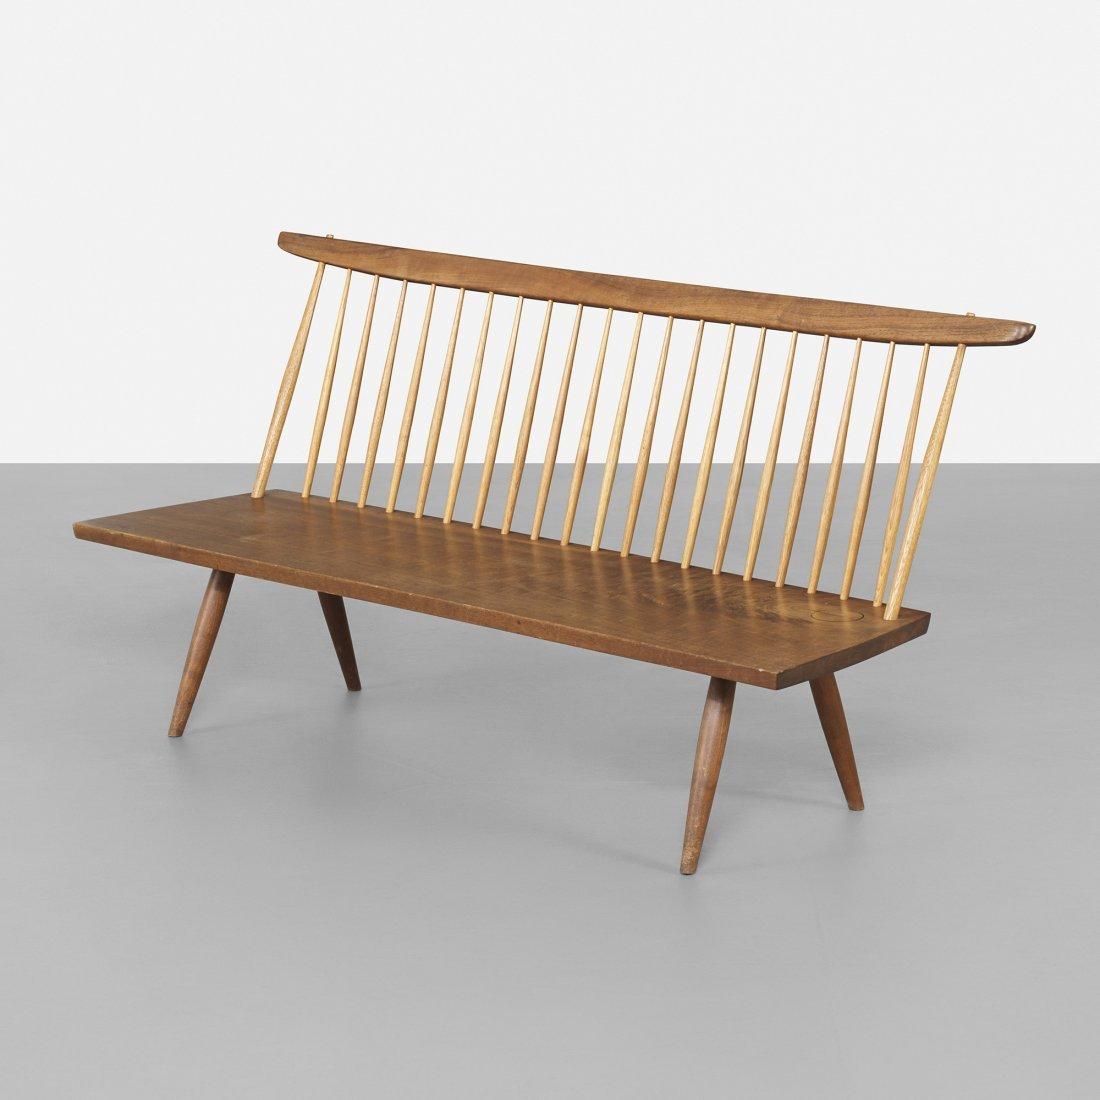 George Nakashima bench with back